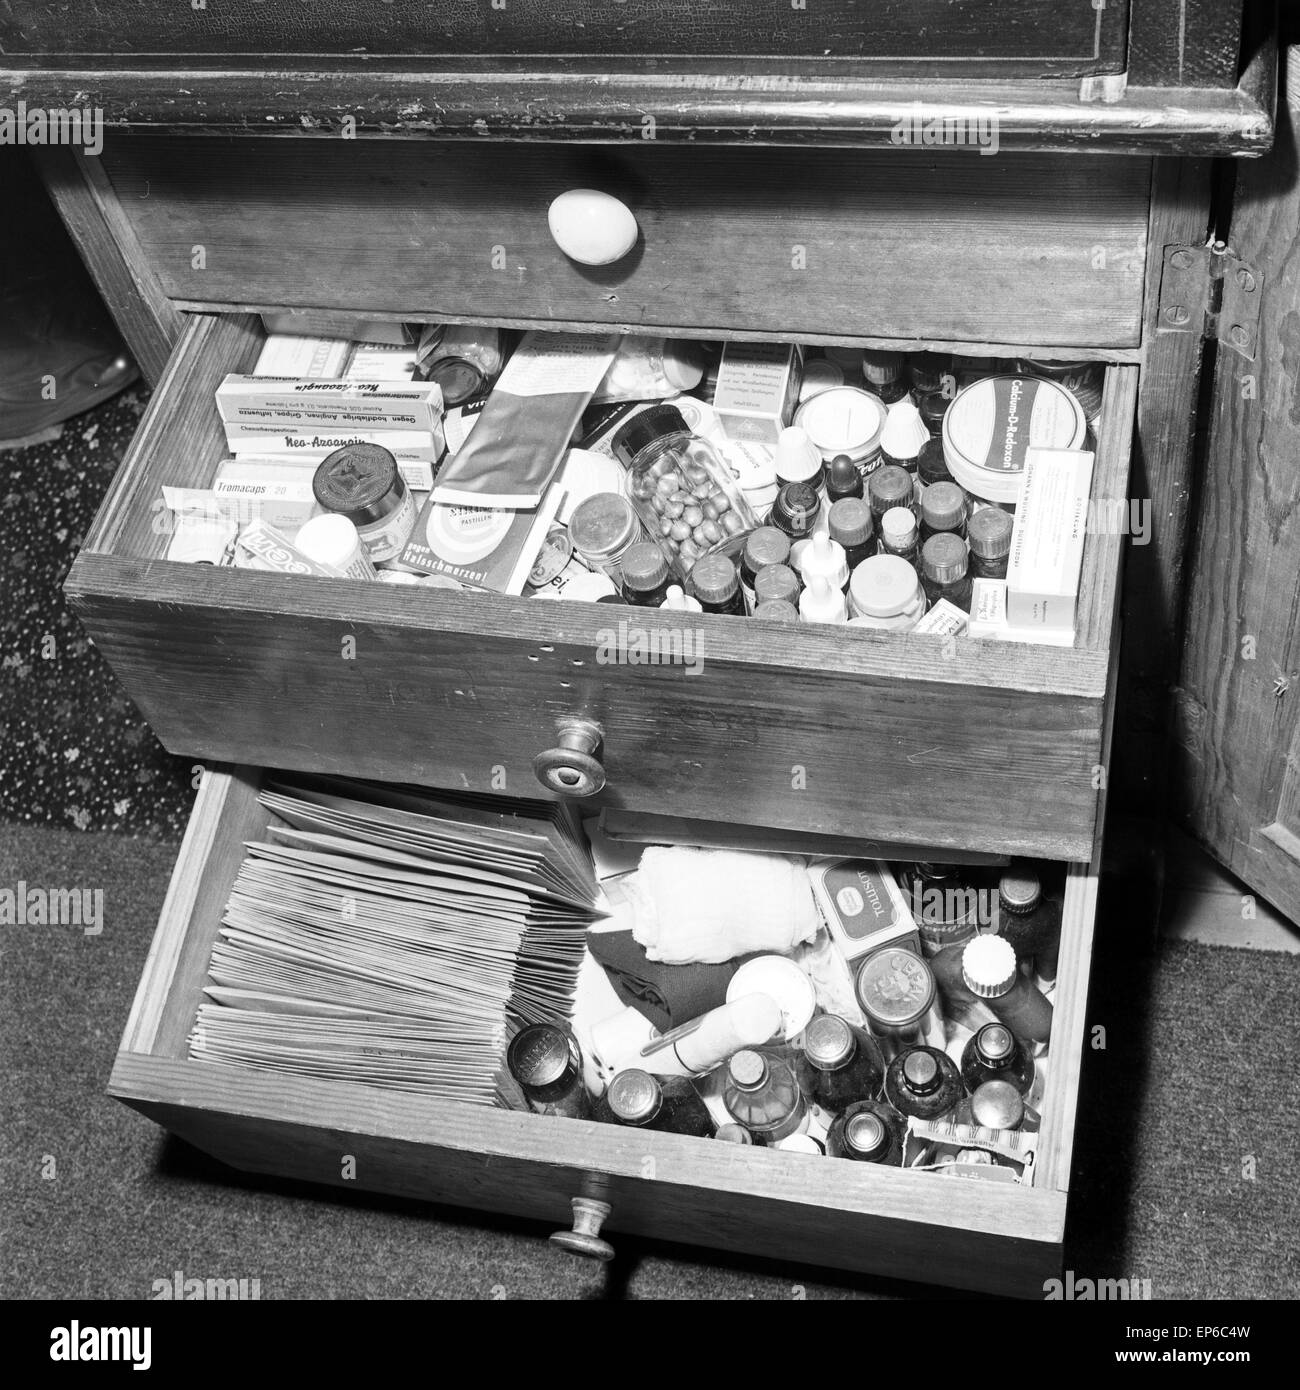 Ein Tablettenschrank voller Medikamente, Deutschland 1960er Jahre. A tray full of drugs and medicine, Germany 1960s. Stock Photo